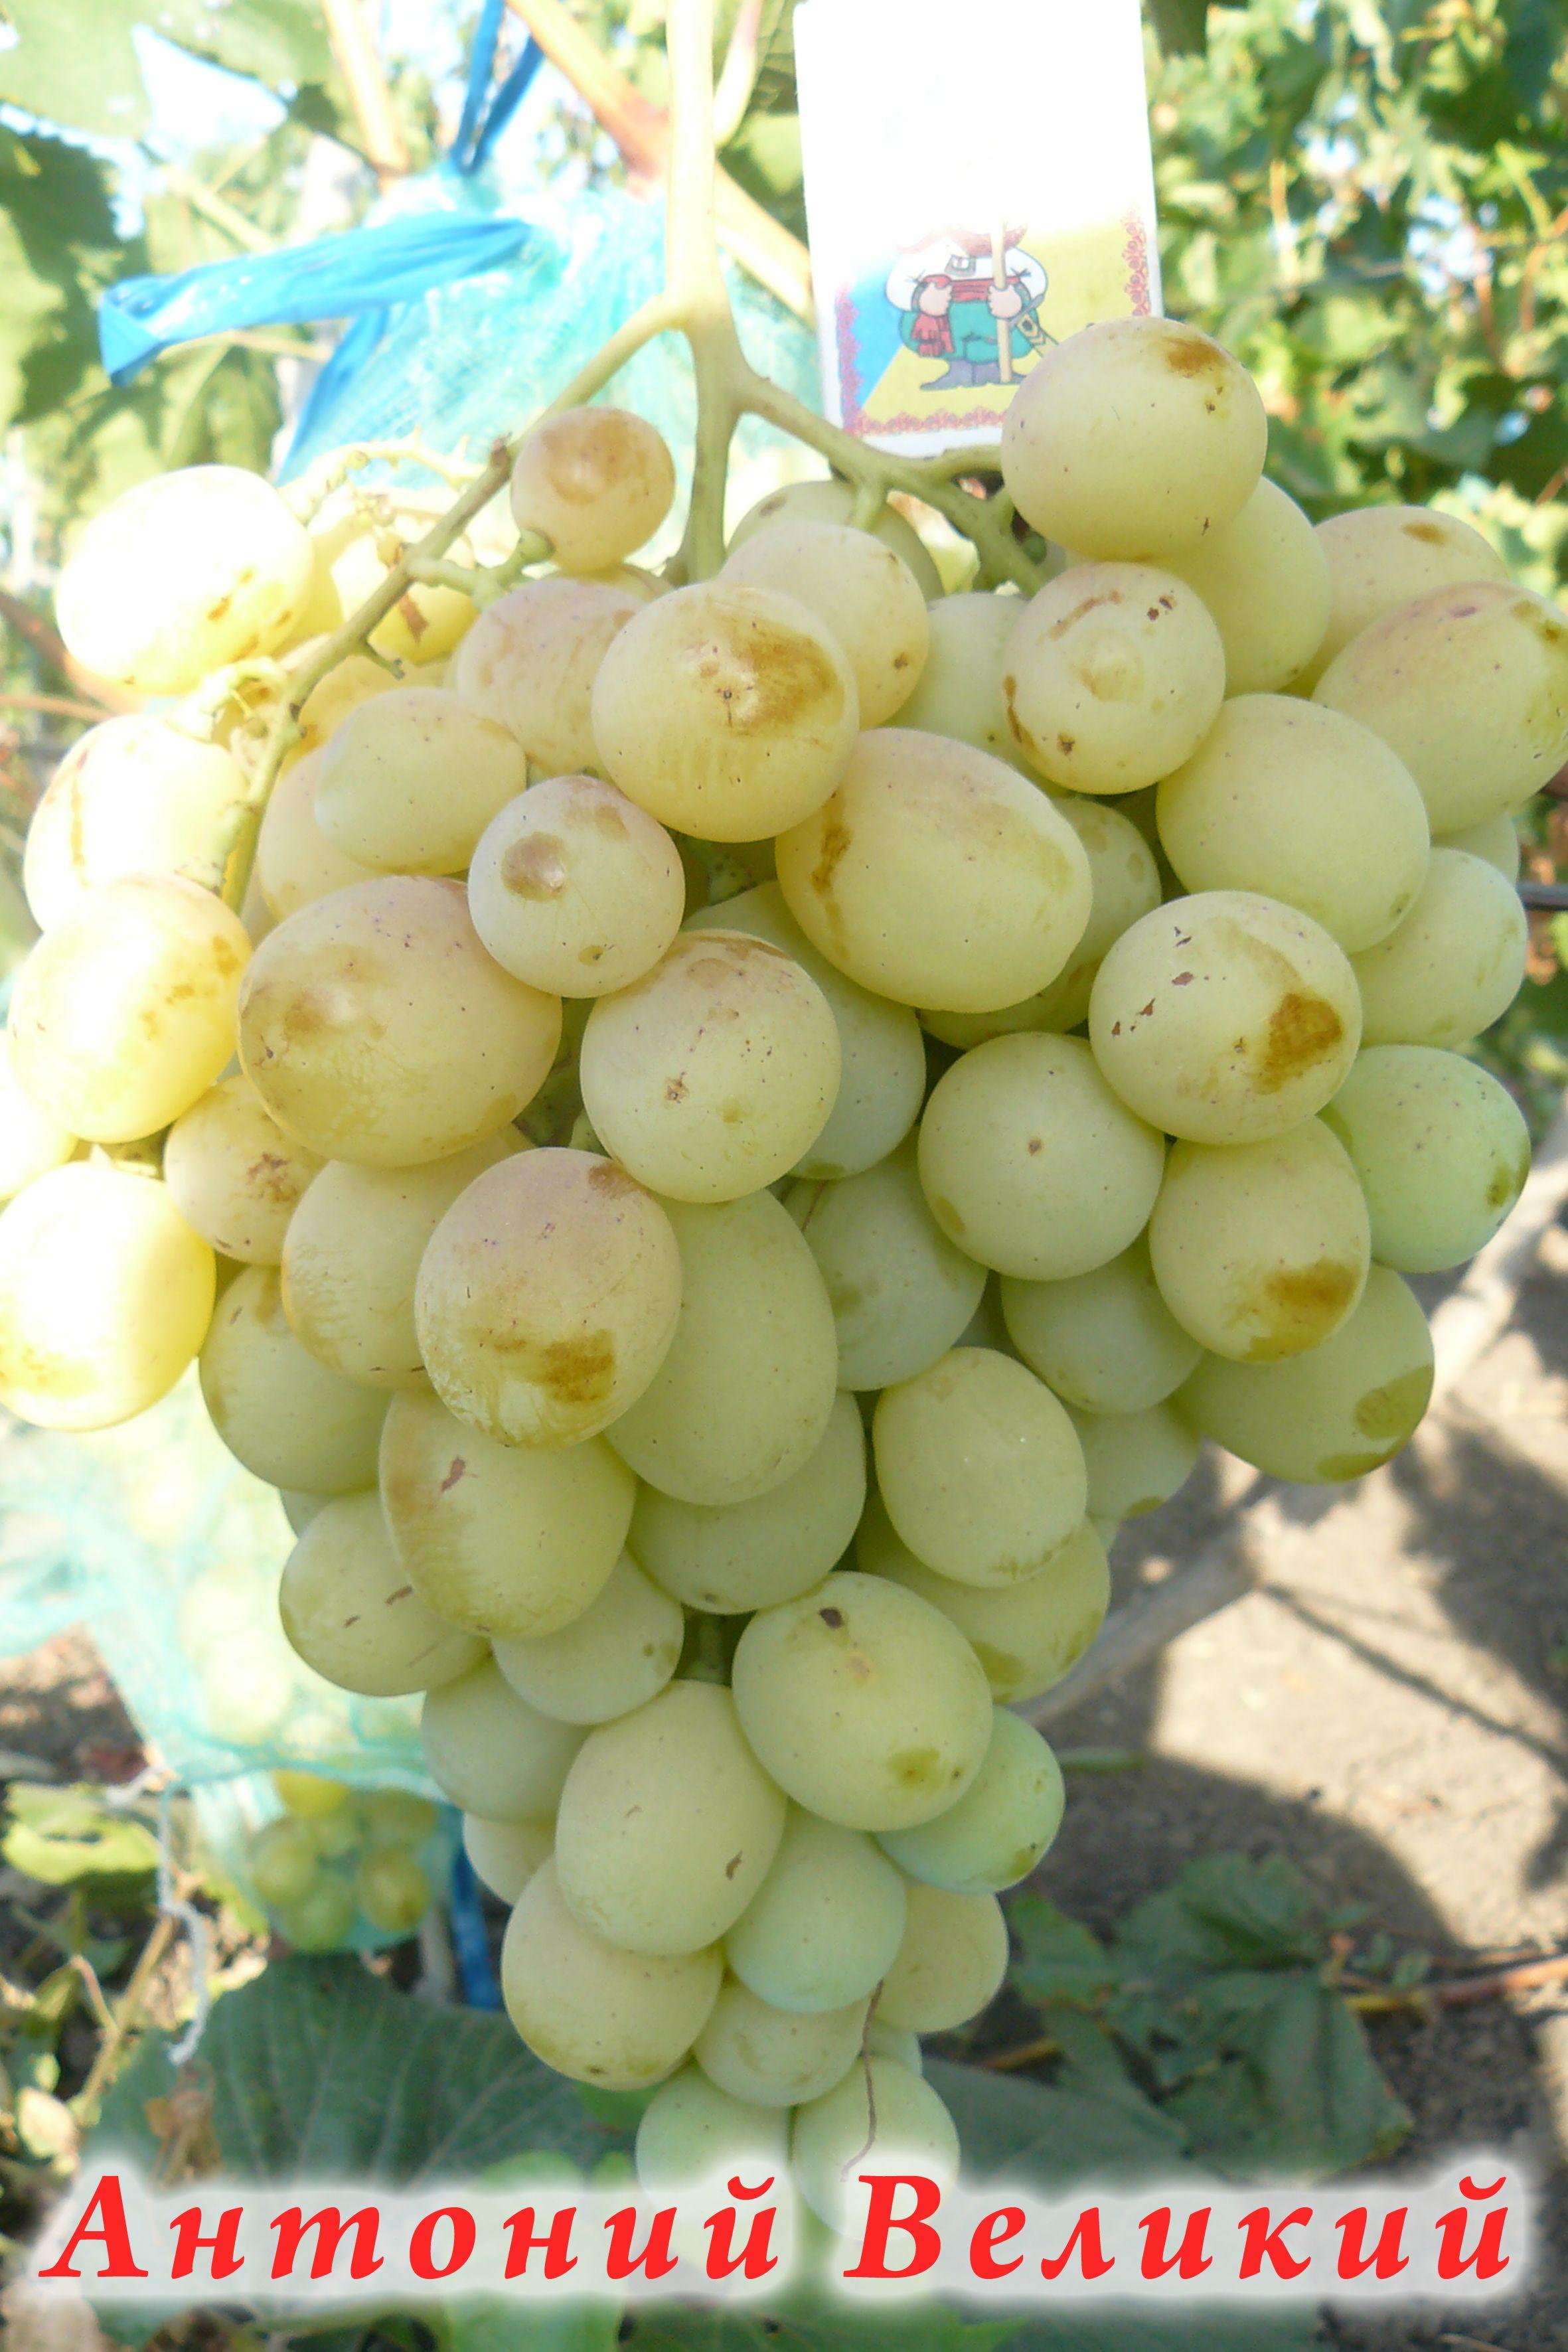 Виноград антоний великий- описание, советы по уходу, хранение